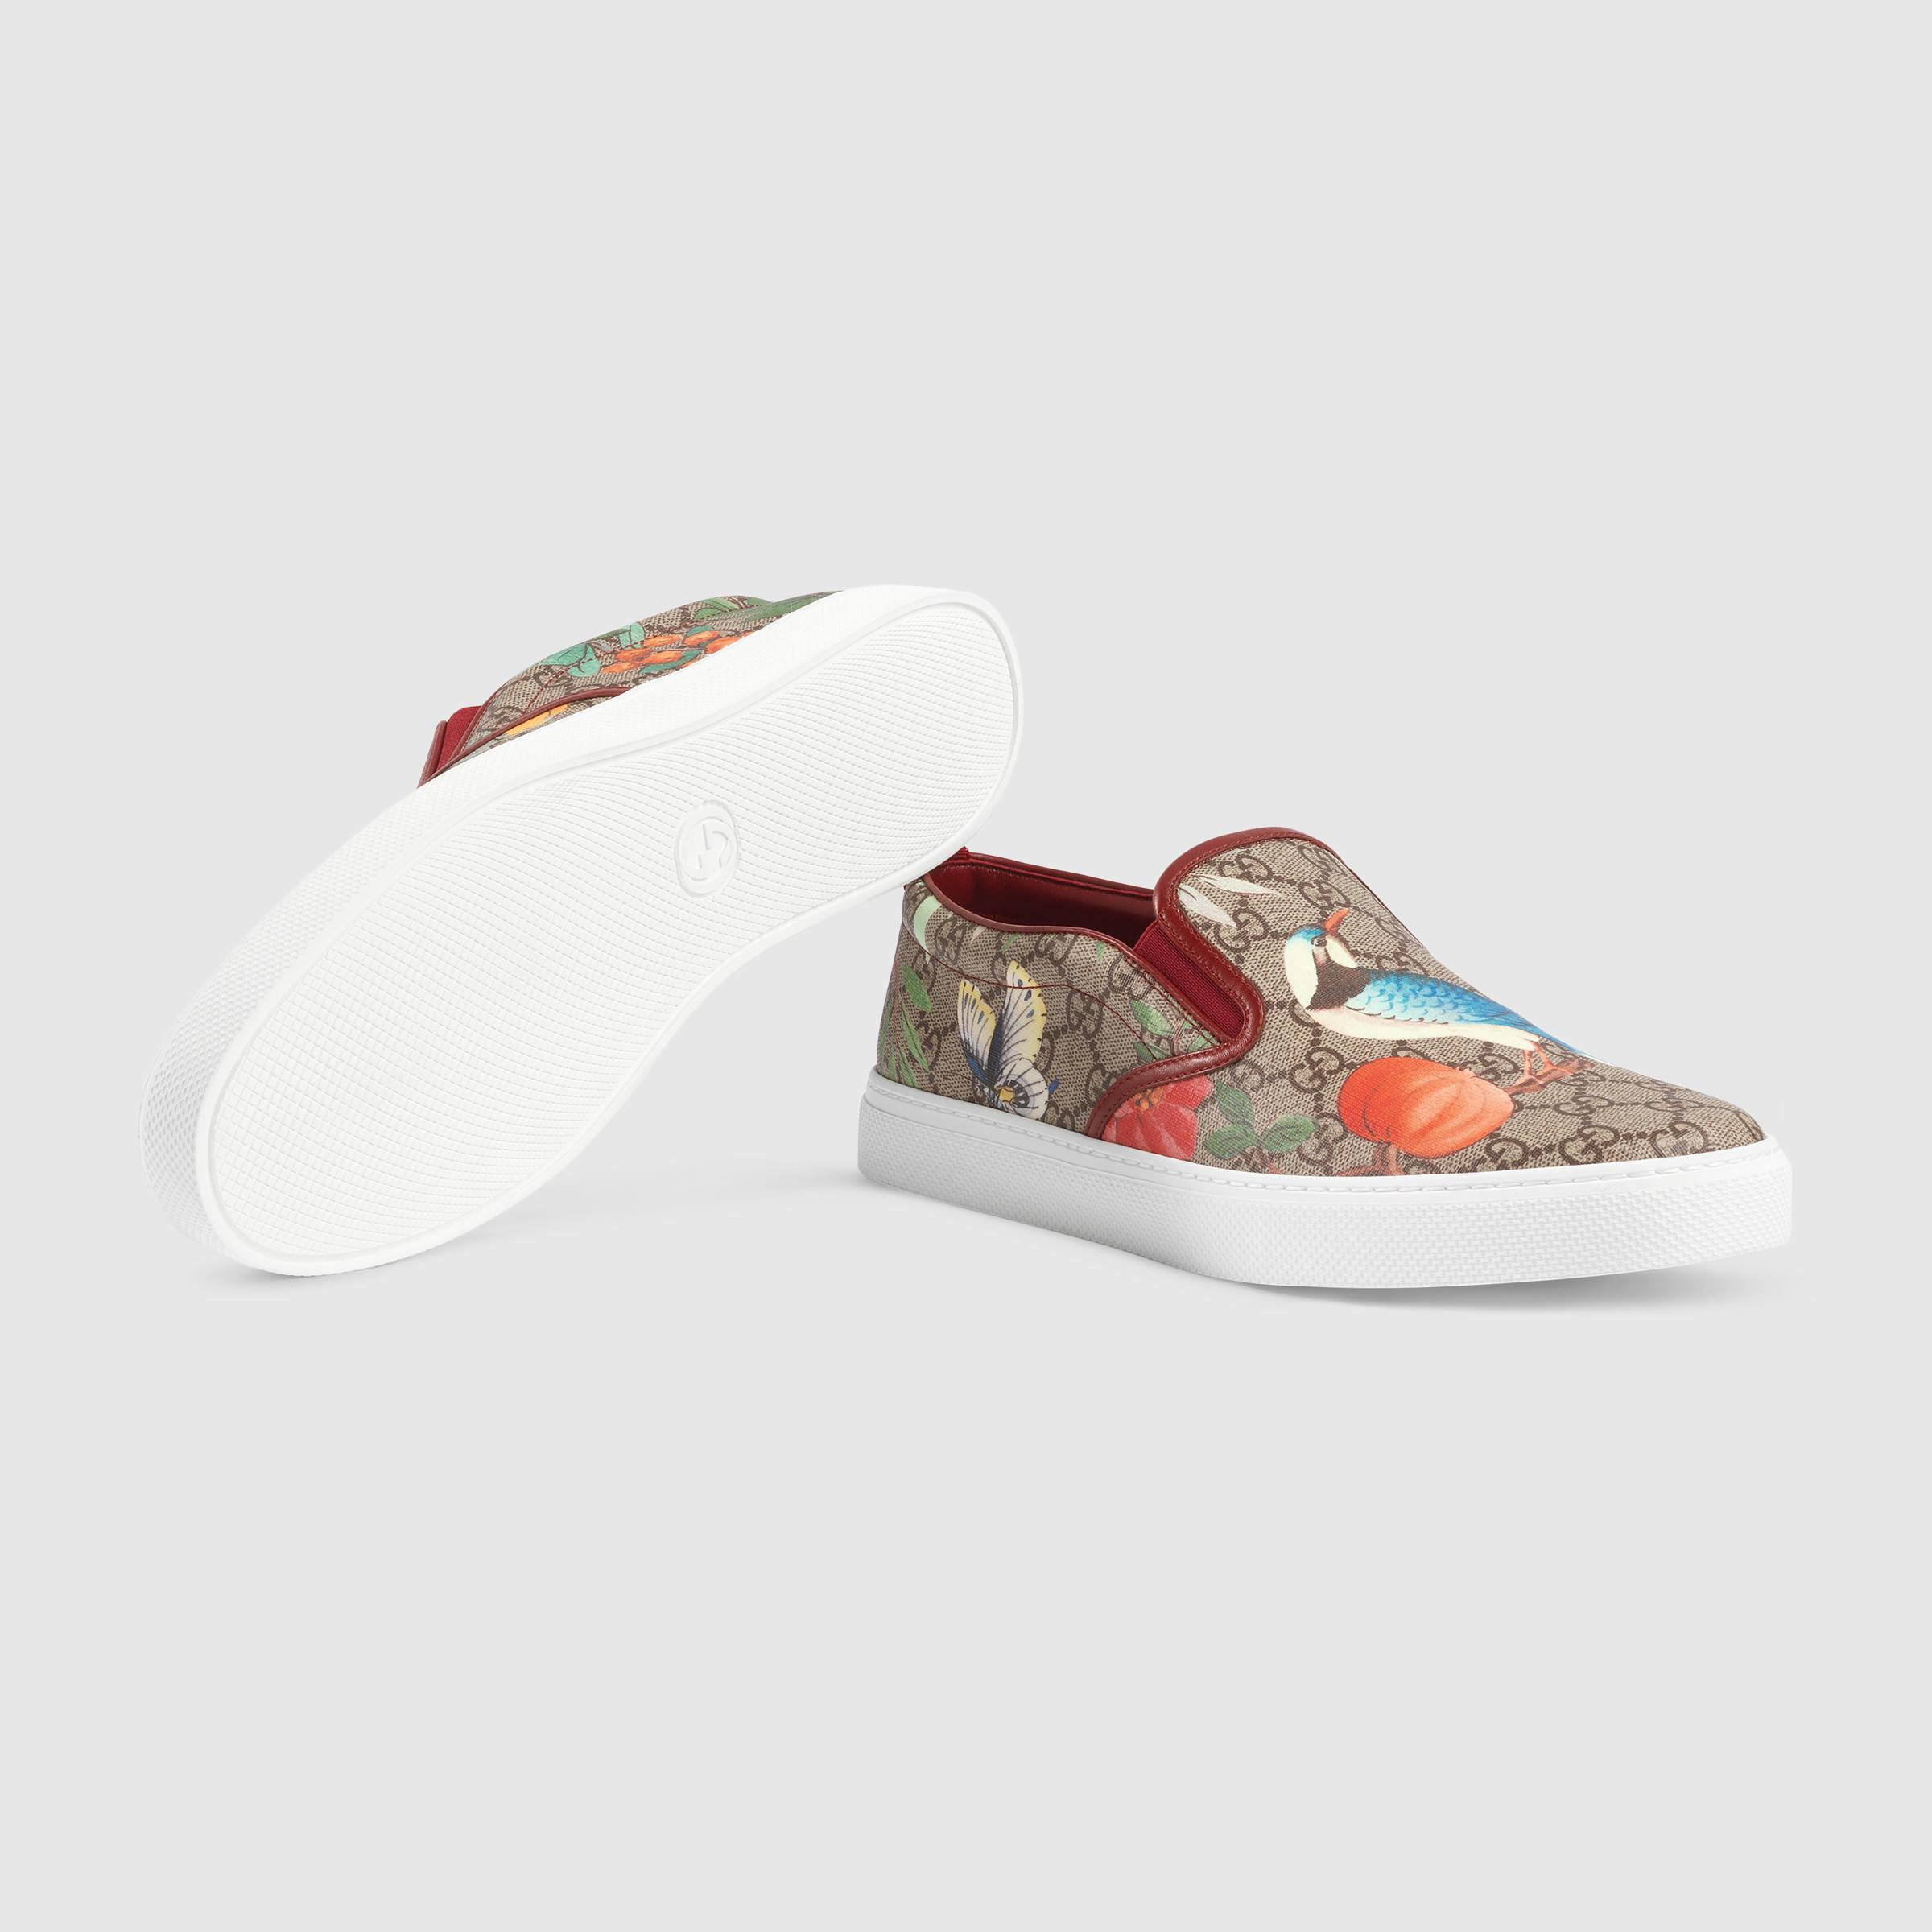 0971ce637723 Lyst - Gucci Men s Tian Slip-on Sneaker in Purple for Men